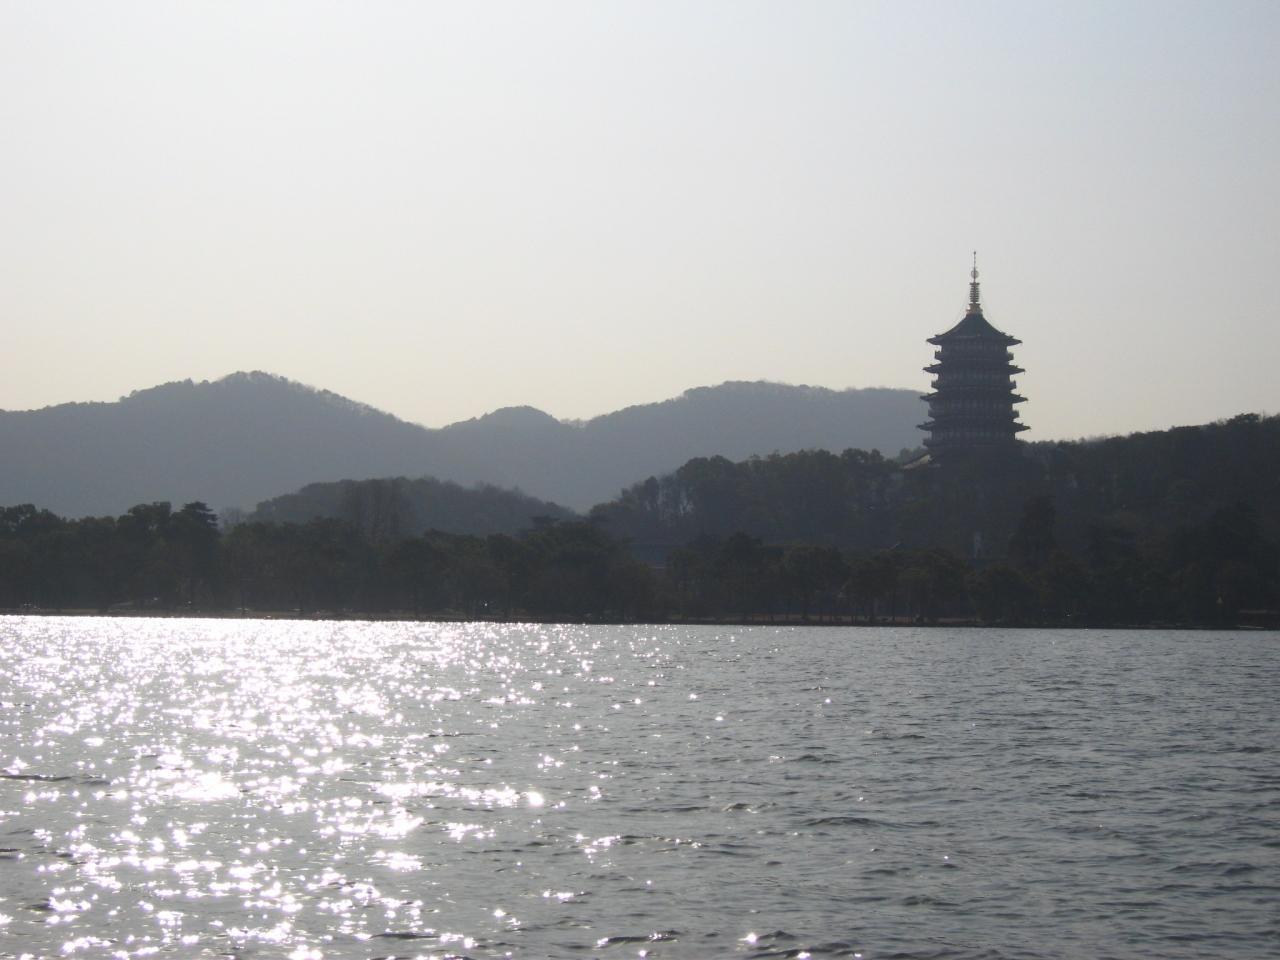 西湖 (杭州市)の画像 p1_2